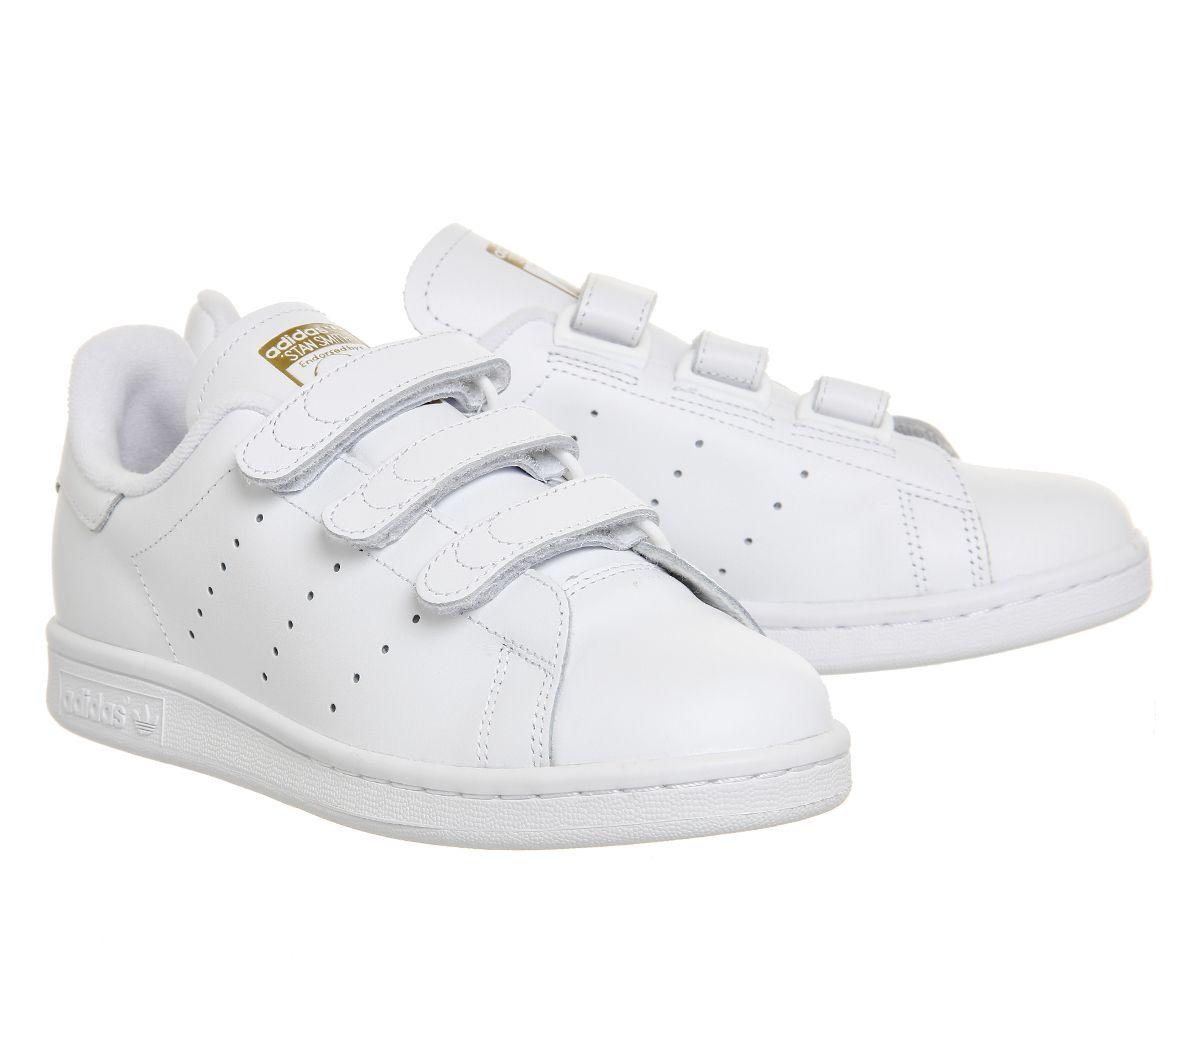 adidas Stan Smith Cf White White Gold Metallic - Unisex Sports